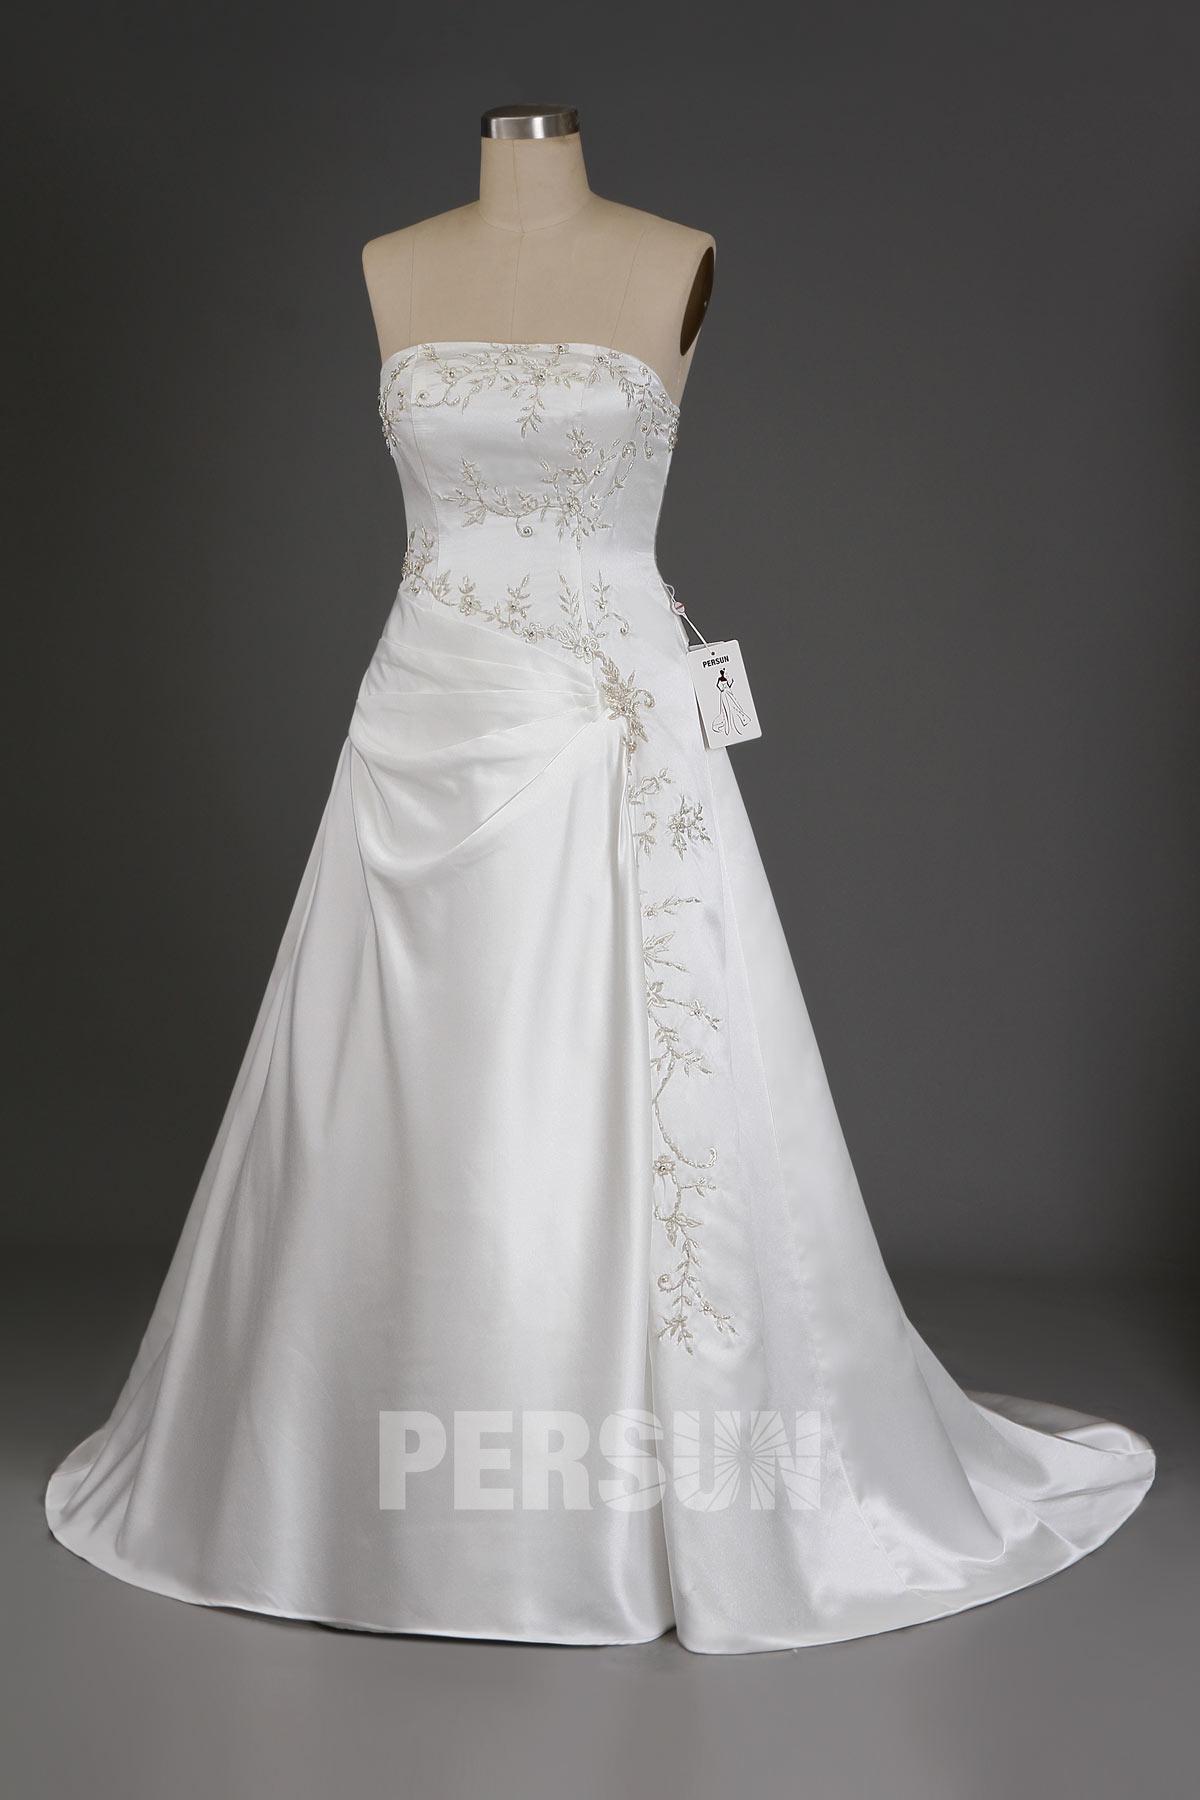 robe de mariée à traîne court Ligne A bustier droit en satin avec broderie